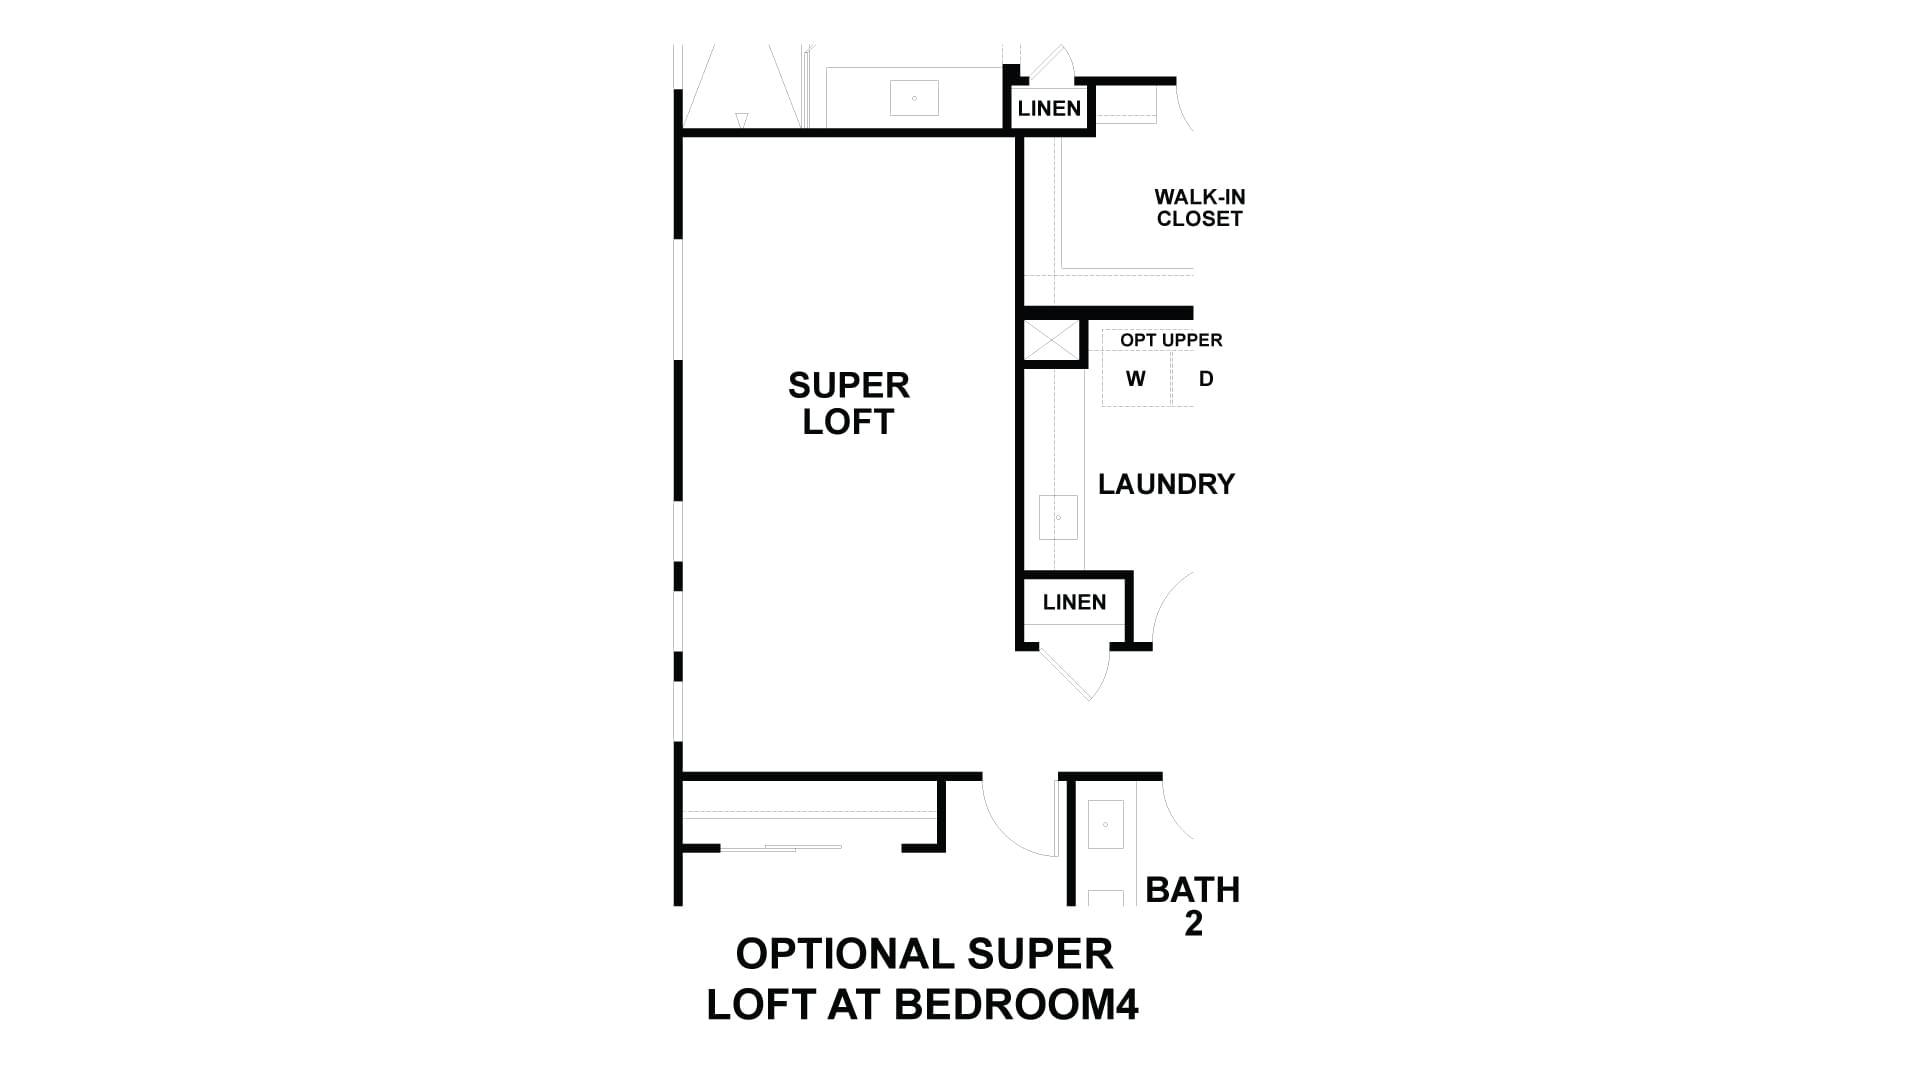 Optional Super Loft in lieu of Bed 4 and loft. Costa Mesa, CA New Home